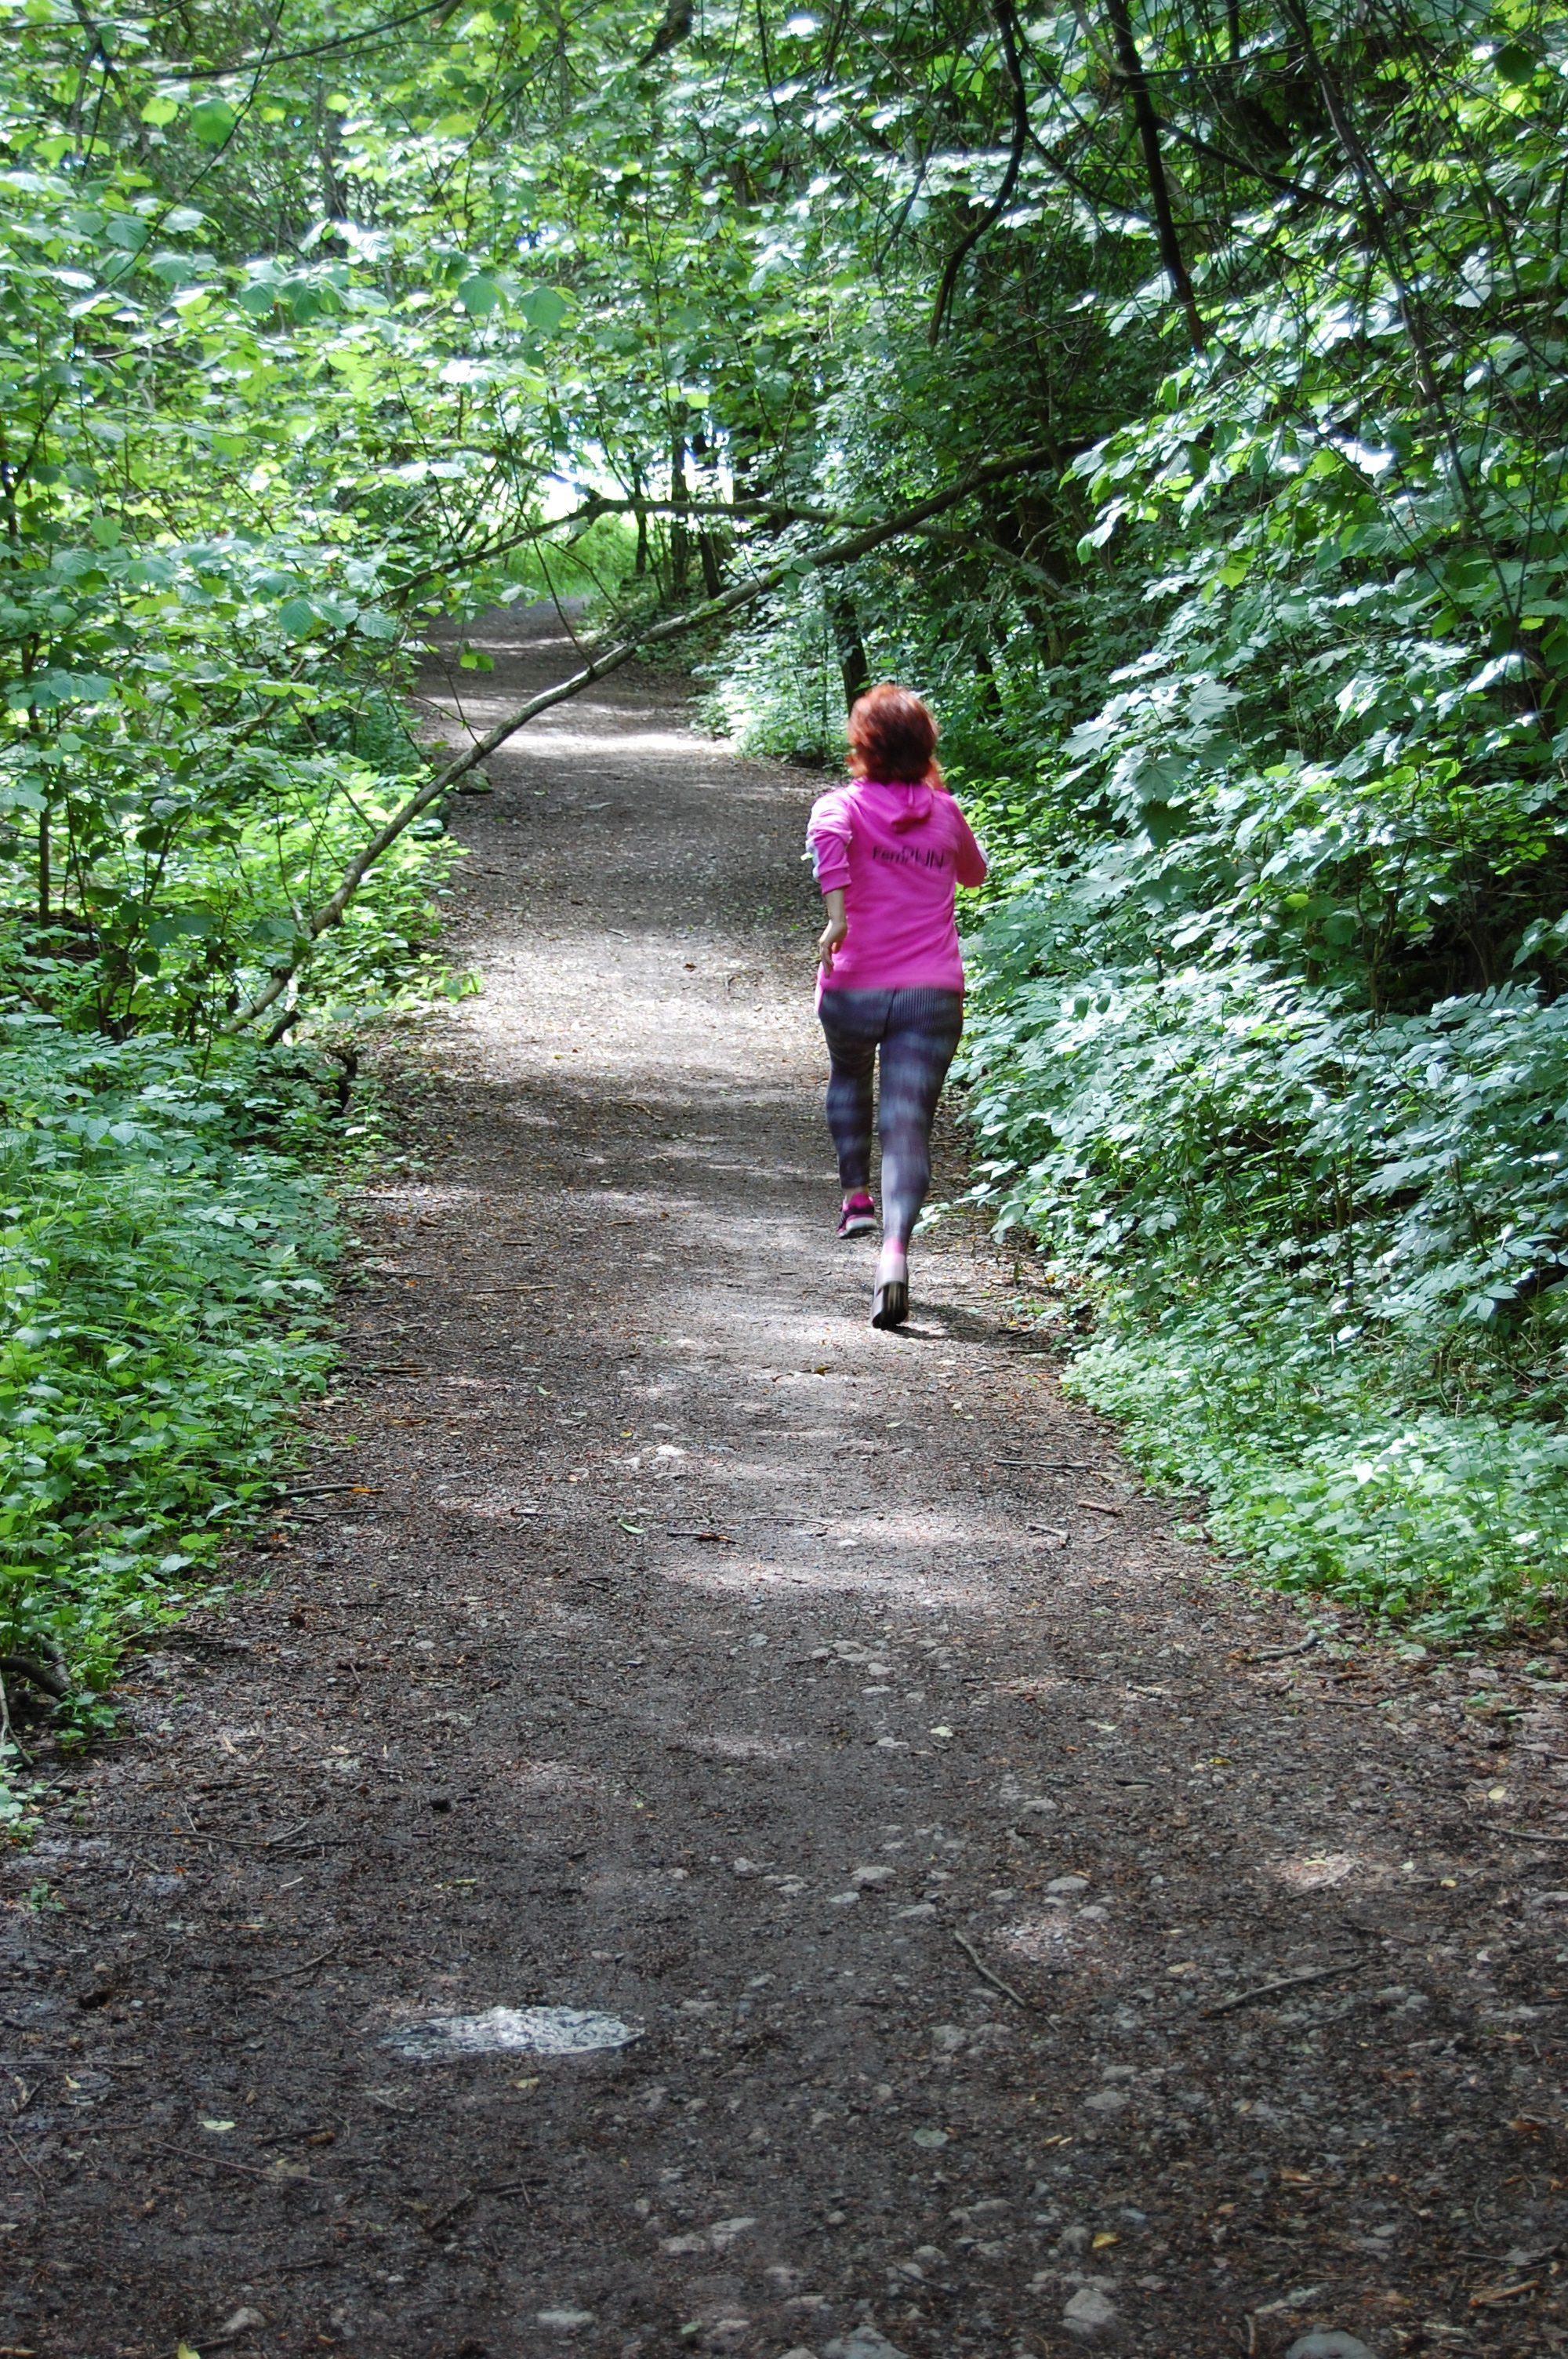 løpeprogram for nybegynnere